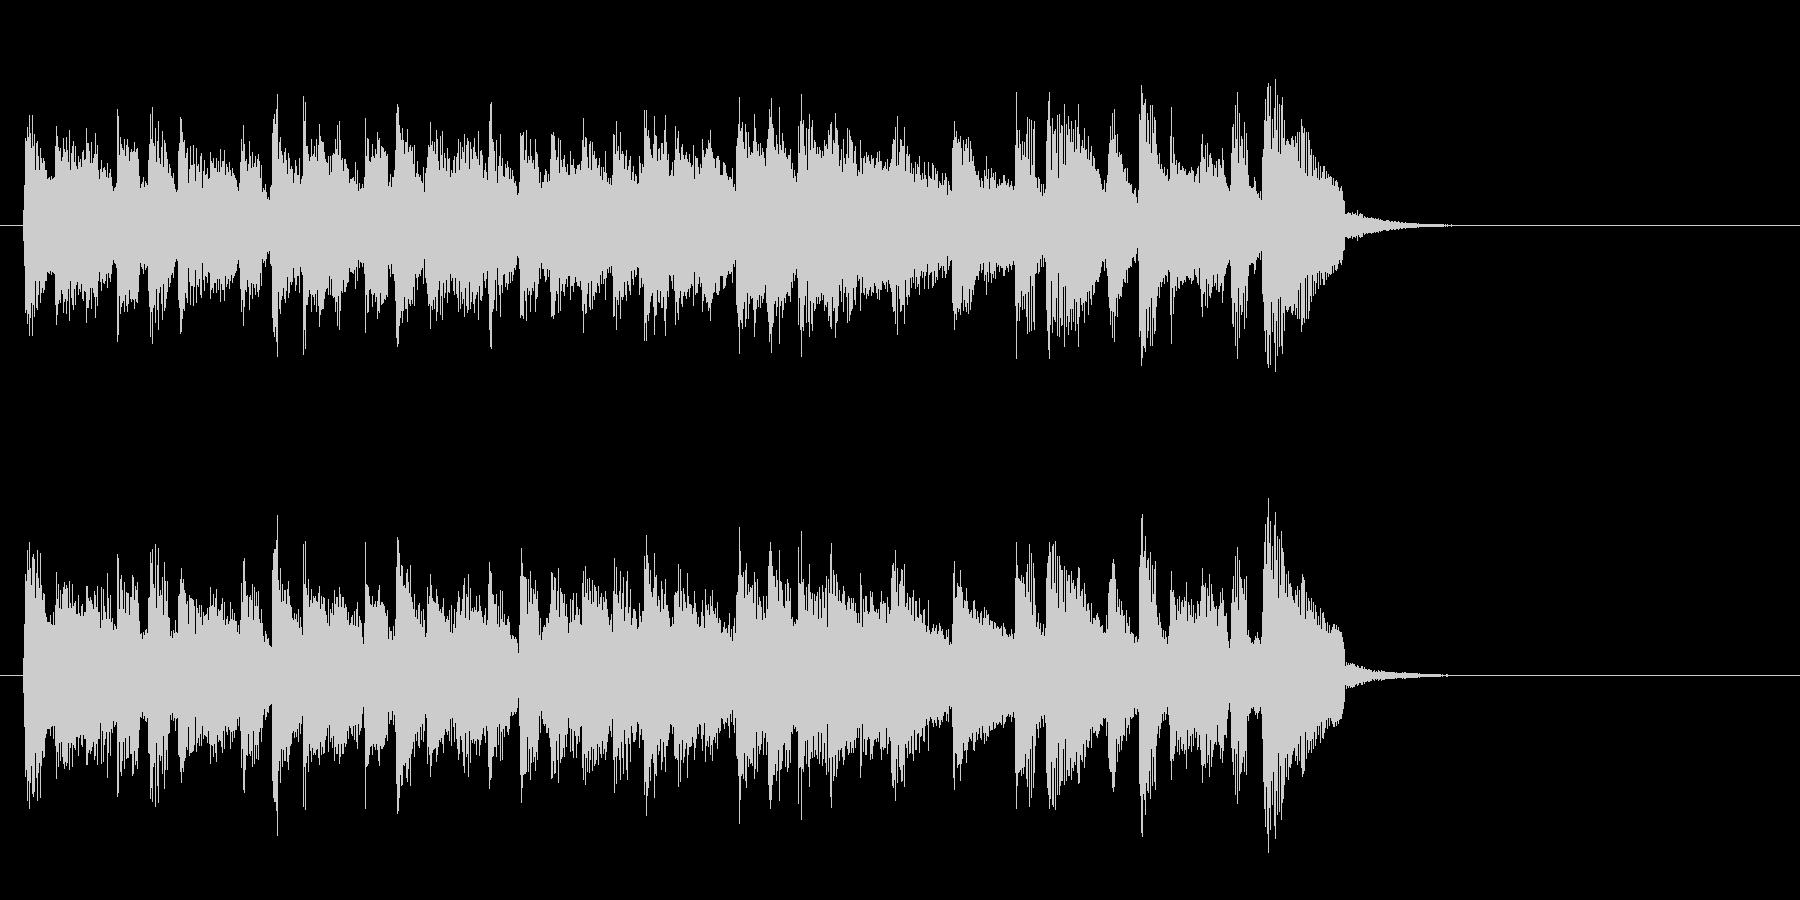 スローなピアノバラード(イントロ)の未再生の波形